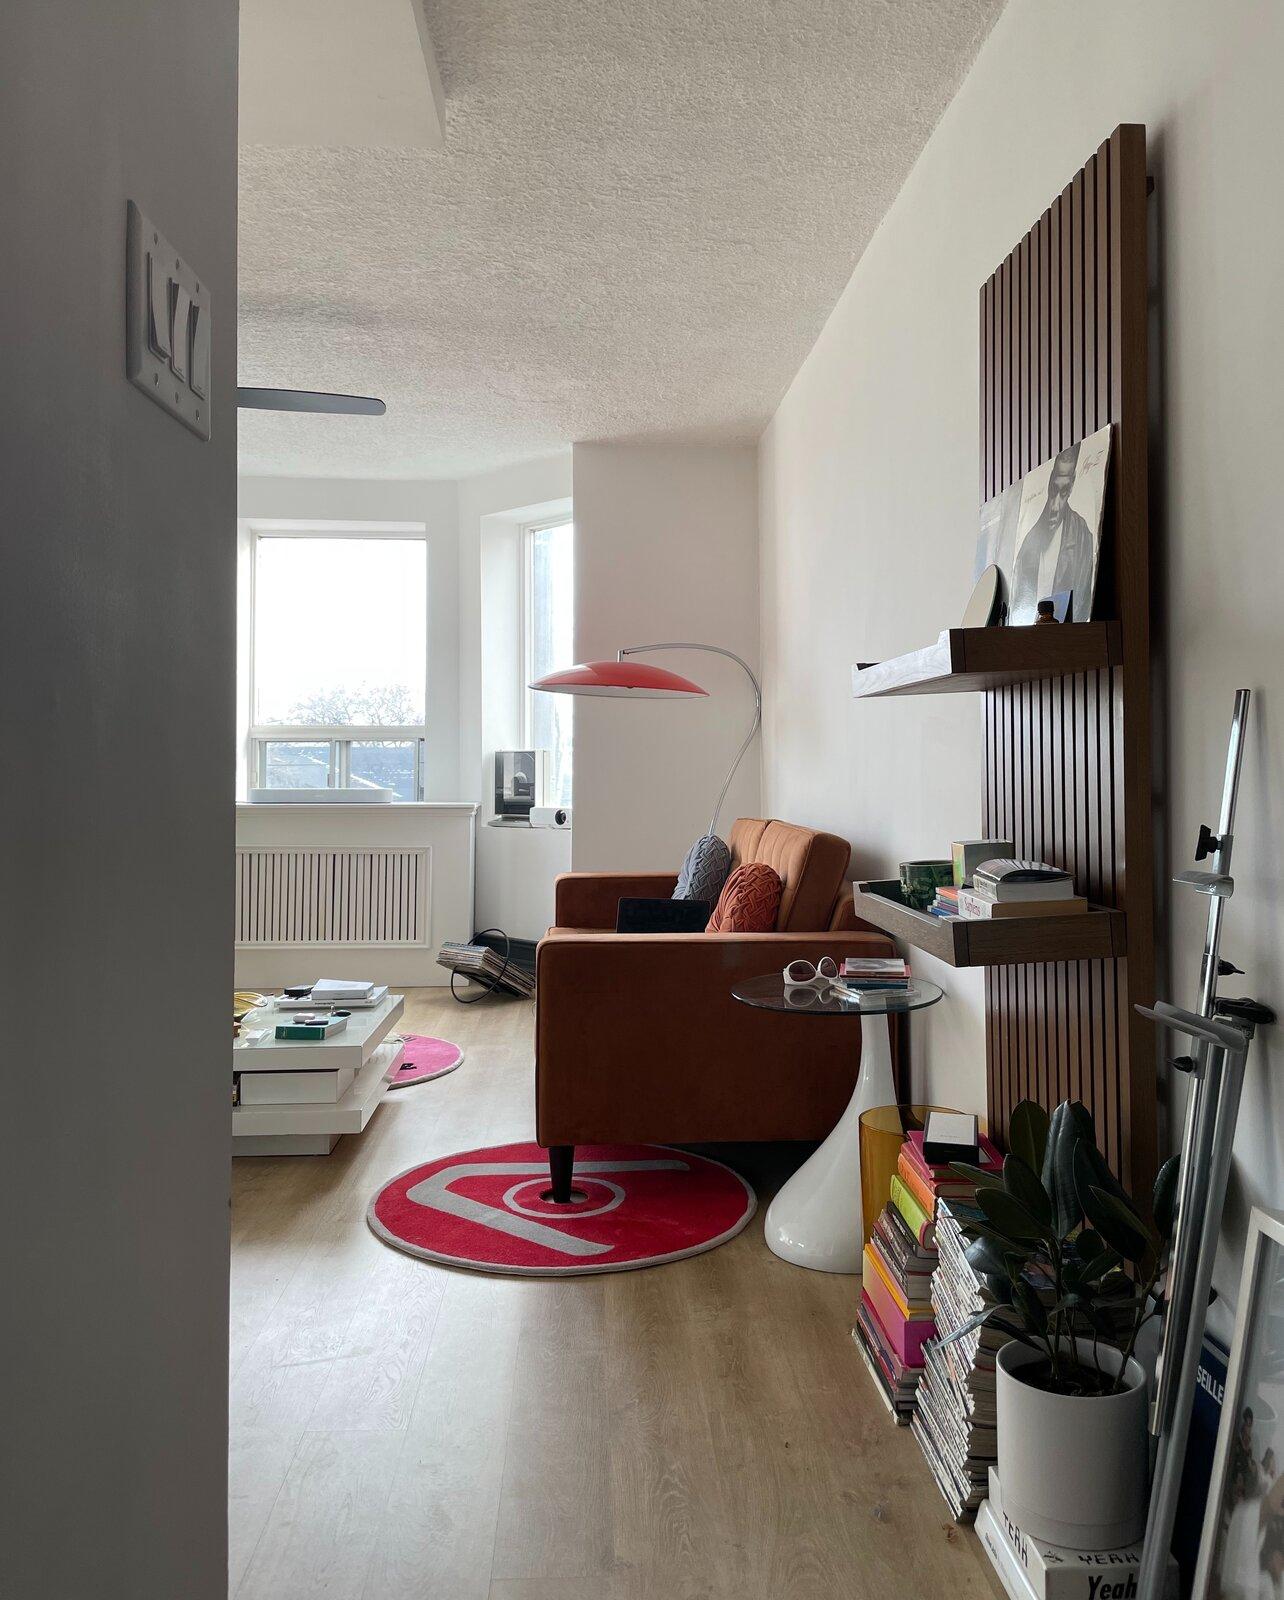 Sean Brown's Toronto apartment